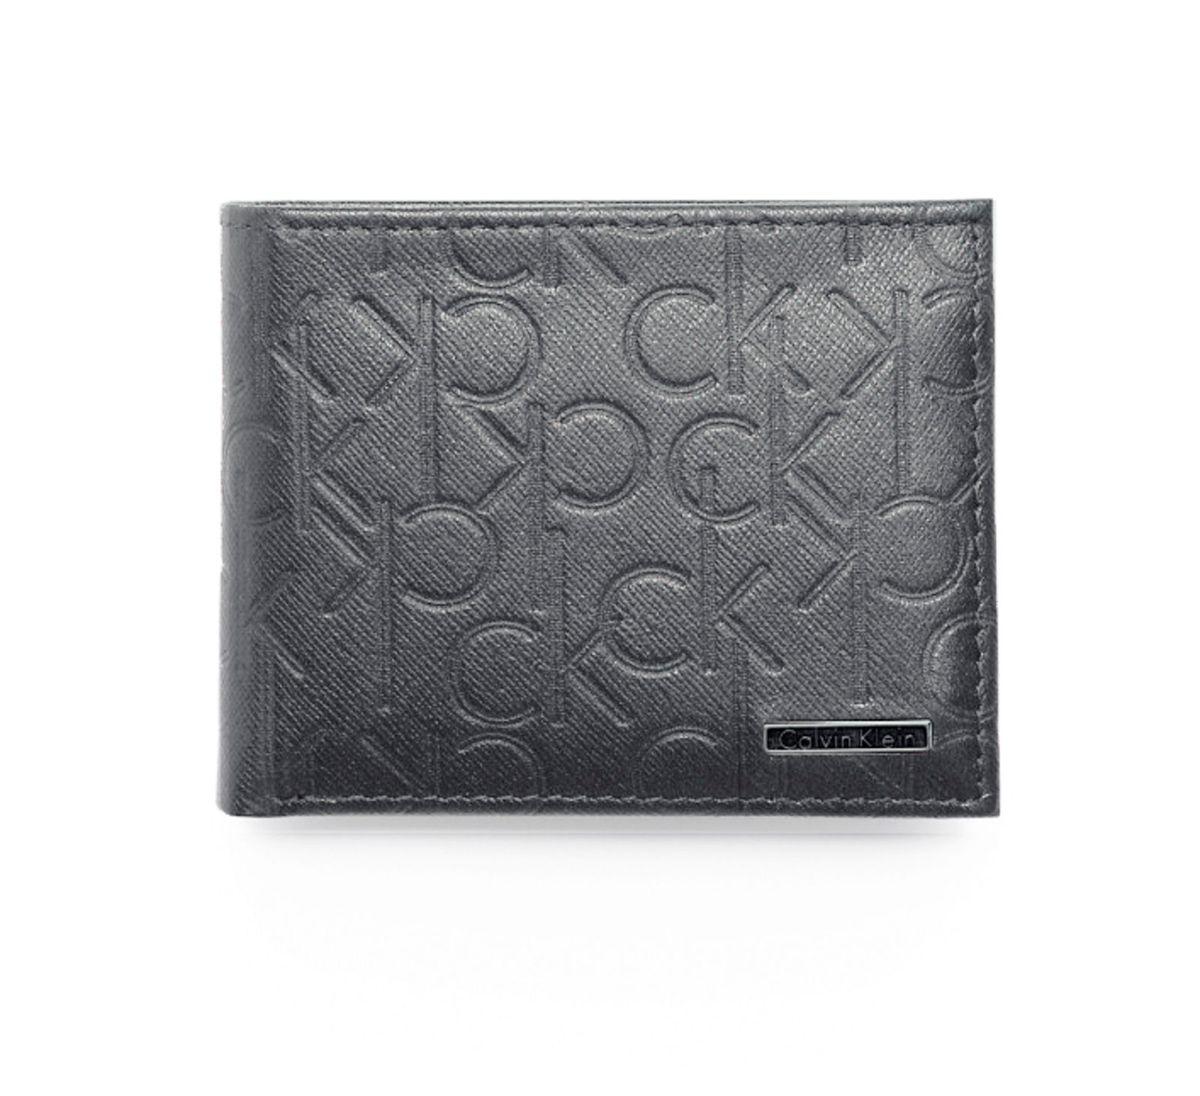 carteira calvin klein cinza de couro 100% original - carteiras calvin klein f42f4be056